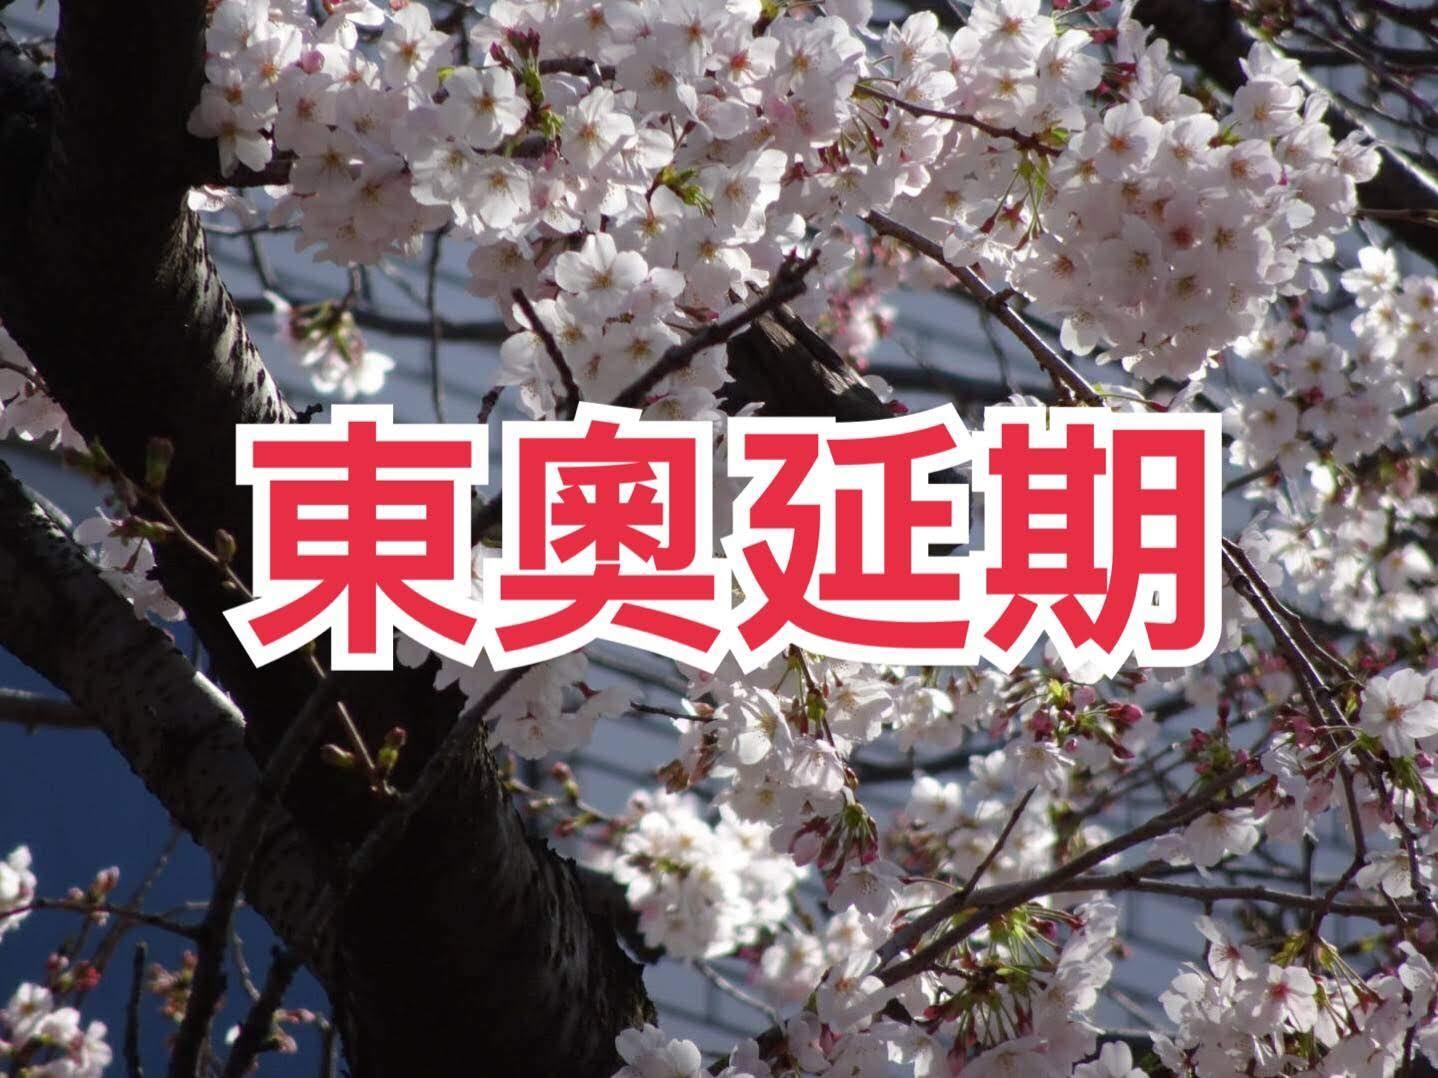 2020年 東京 奧運 延期!